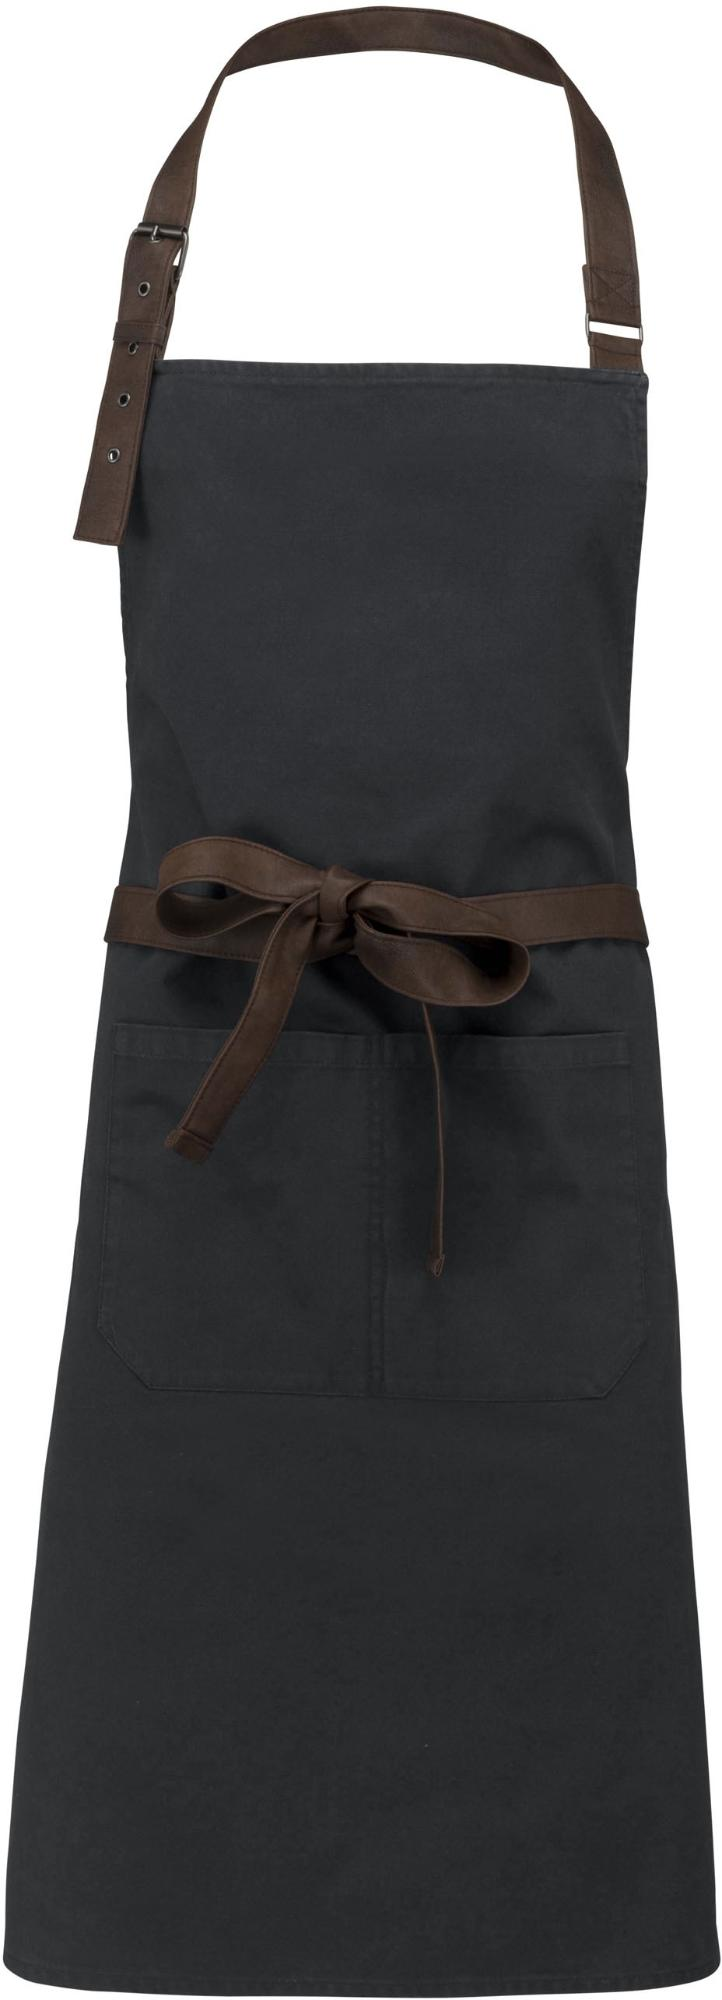 Kariban Vintage kuchárska zástera s trakmi 100% bavlna - farba čierna